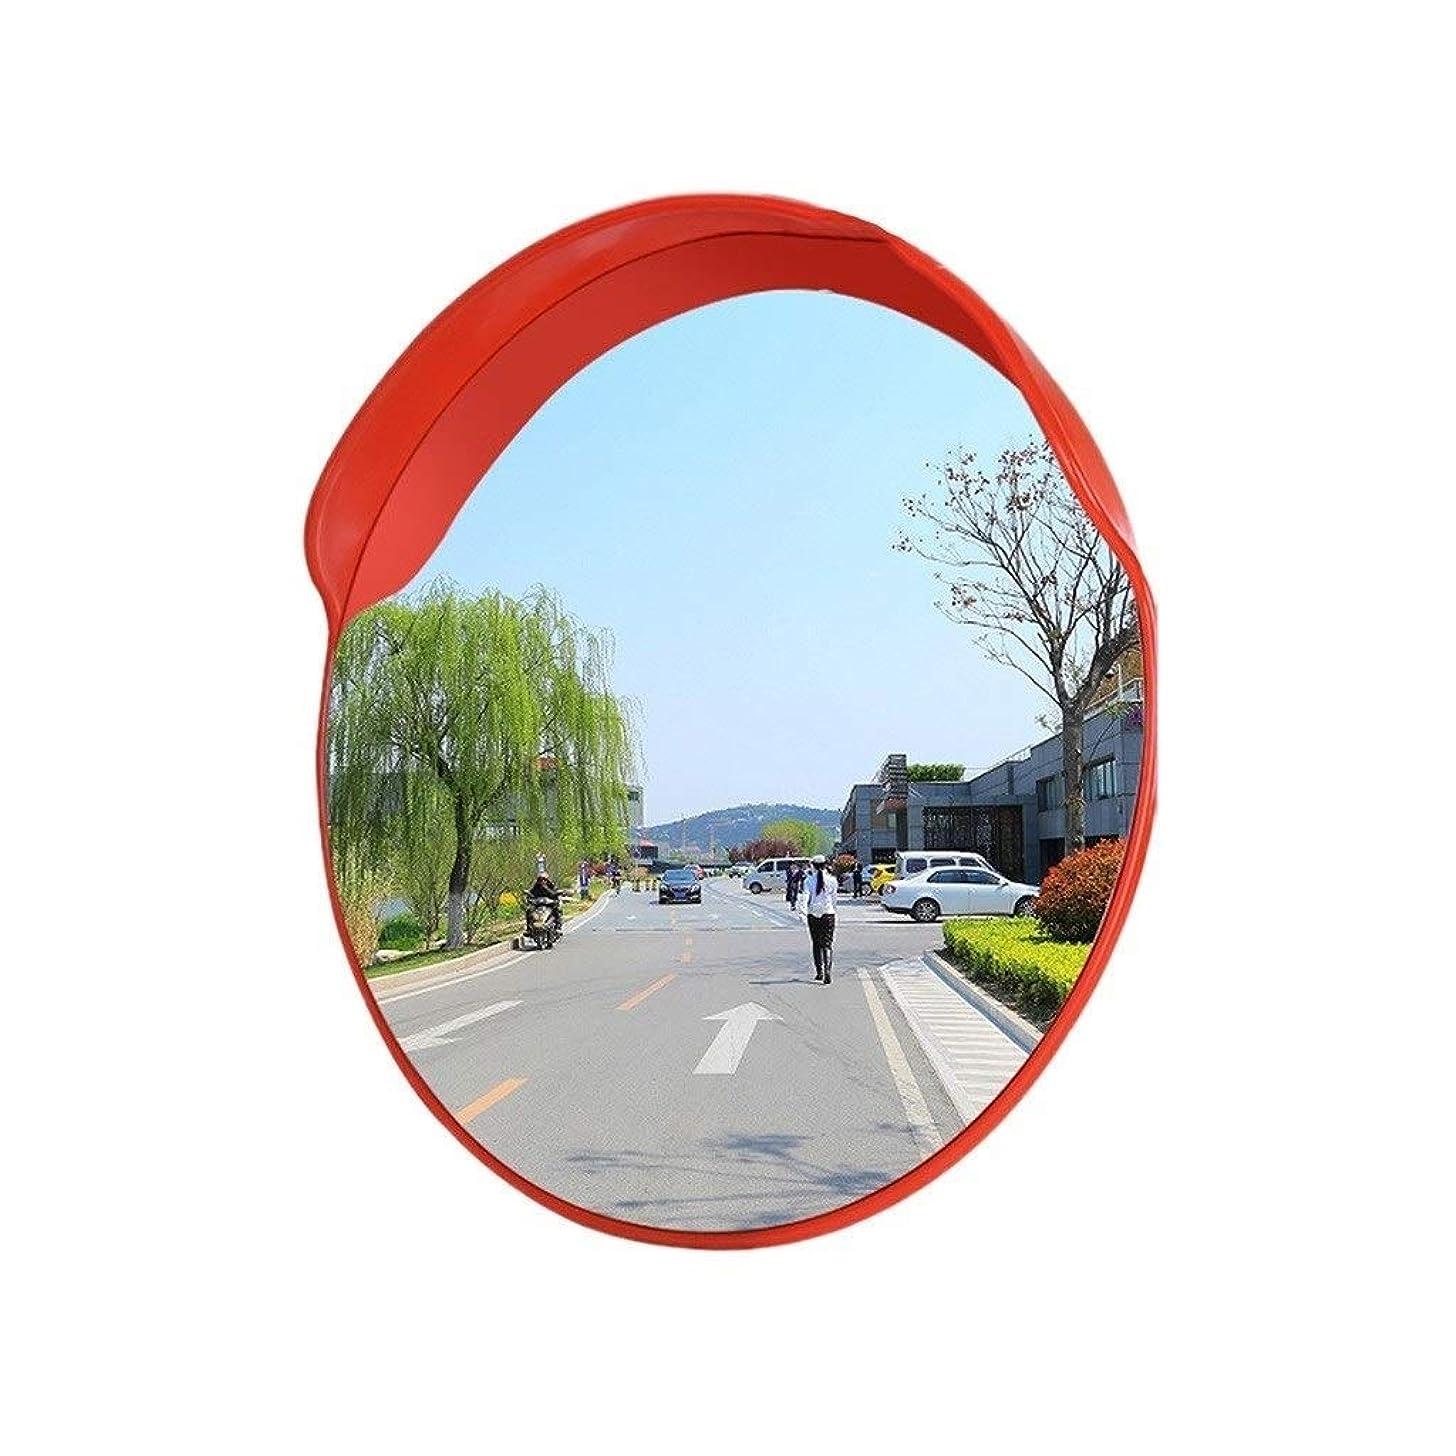 サンプル原子ウェーハ鉄道駅の交通ミラー、防雨日焼け止め屋外広角レンズ設置が簡単凸面安全ミラー45-120CM(サイズ:80CM)